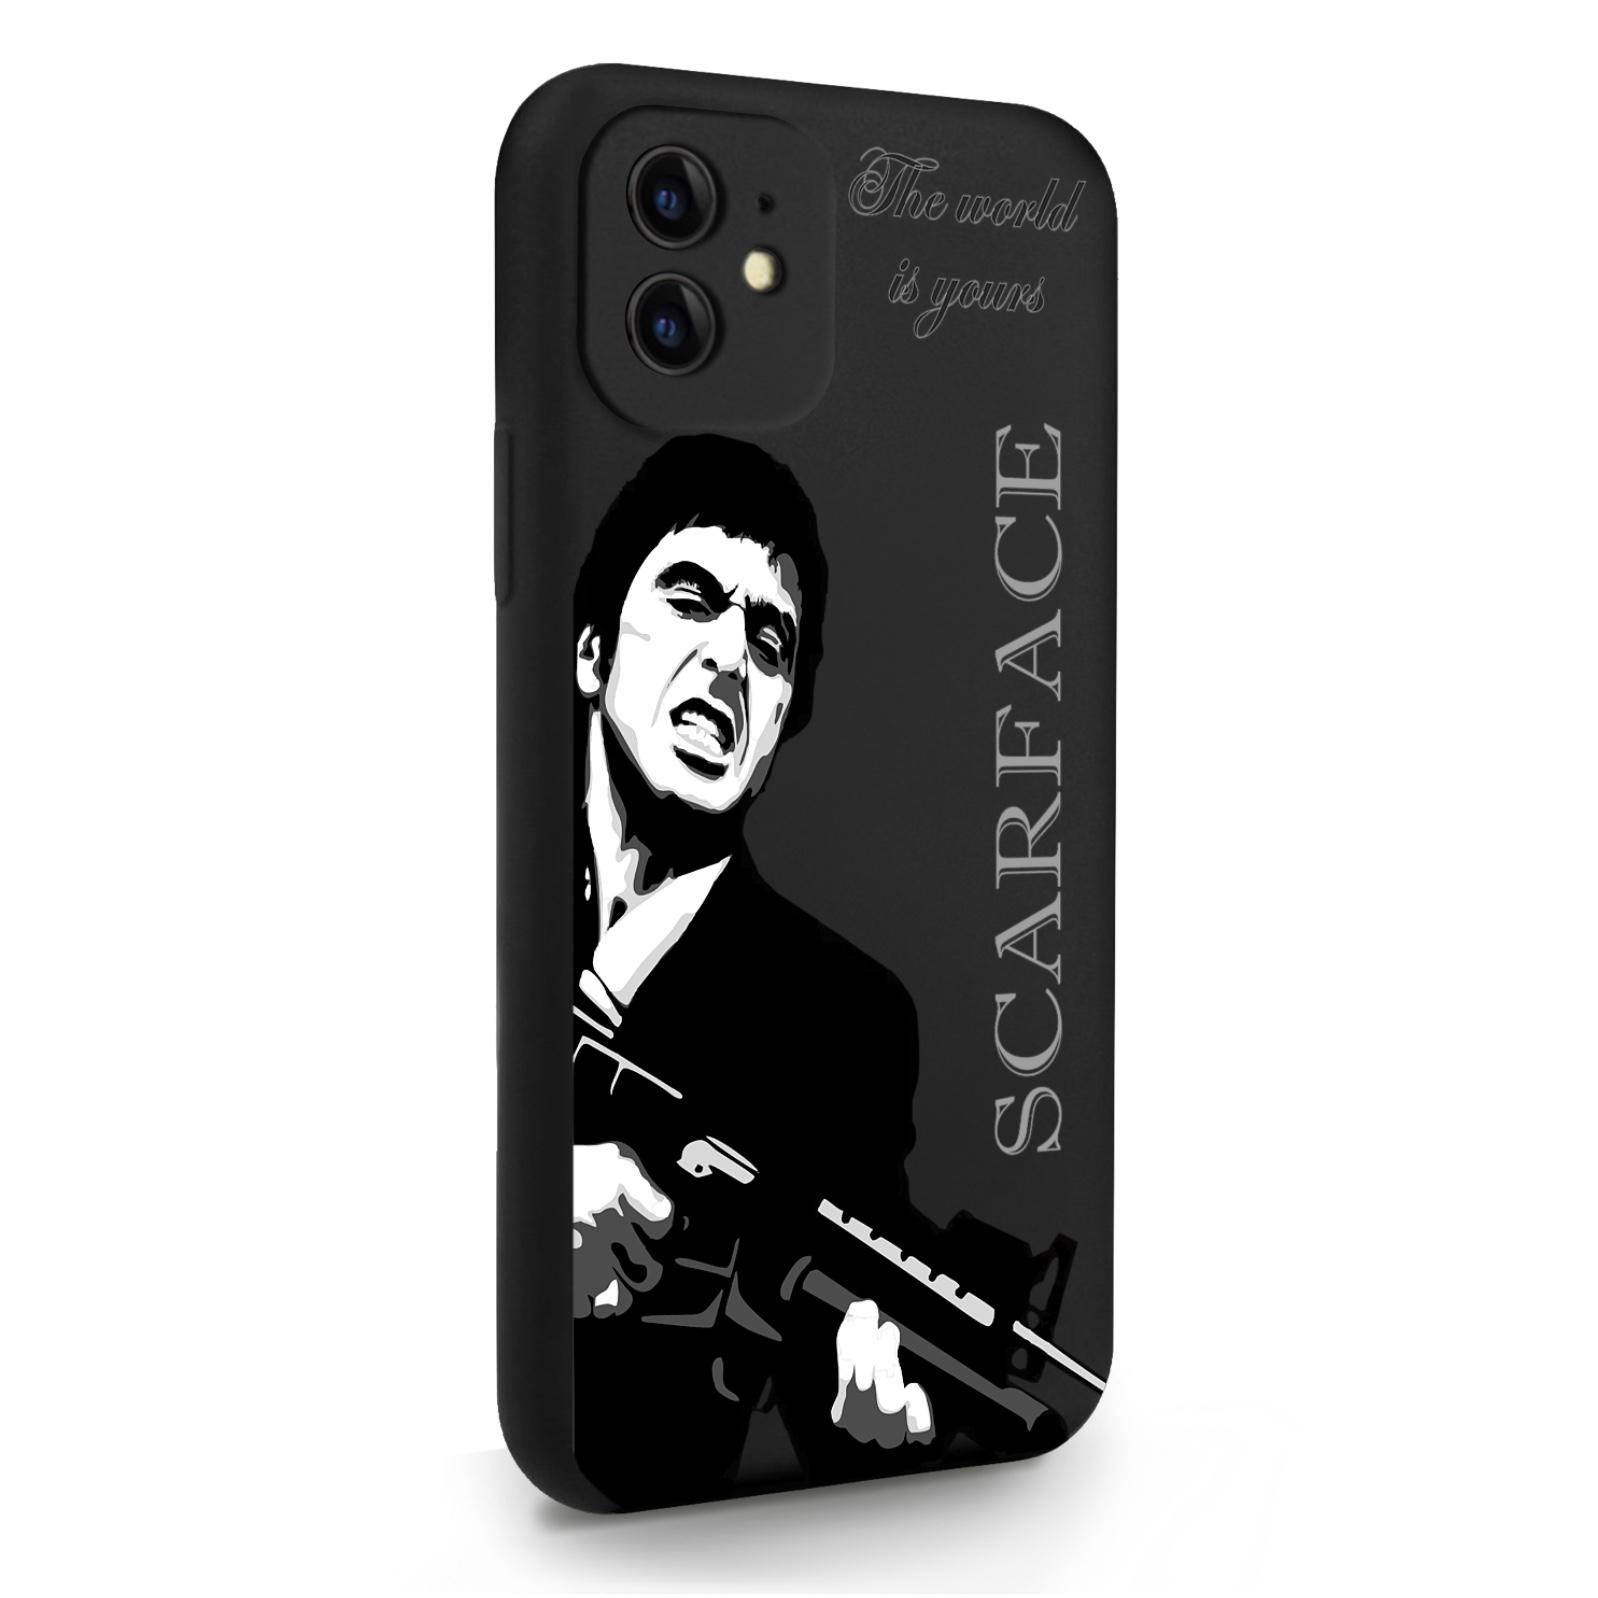 Черный силиконовый чехол для iPhone 11 Scarface Tony Montana/ Лицо со шрамом для Айфон 11